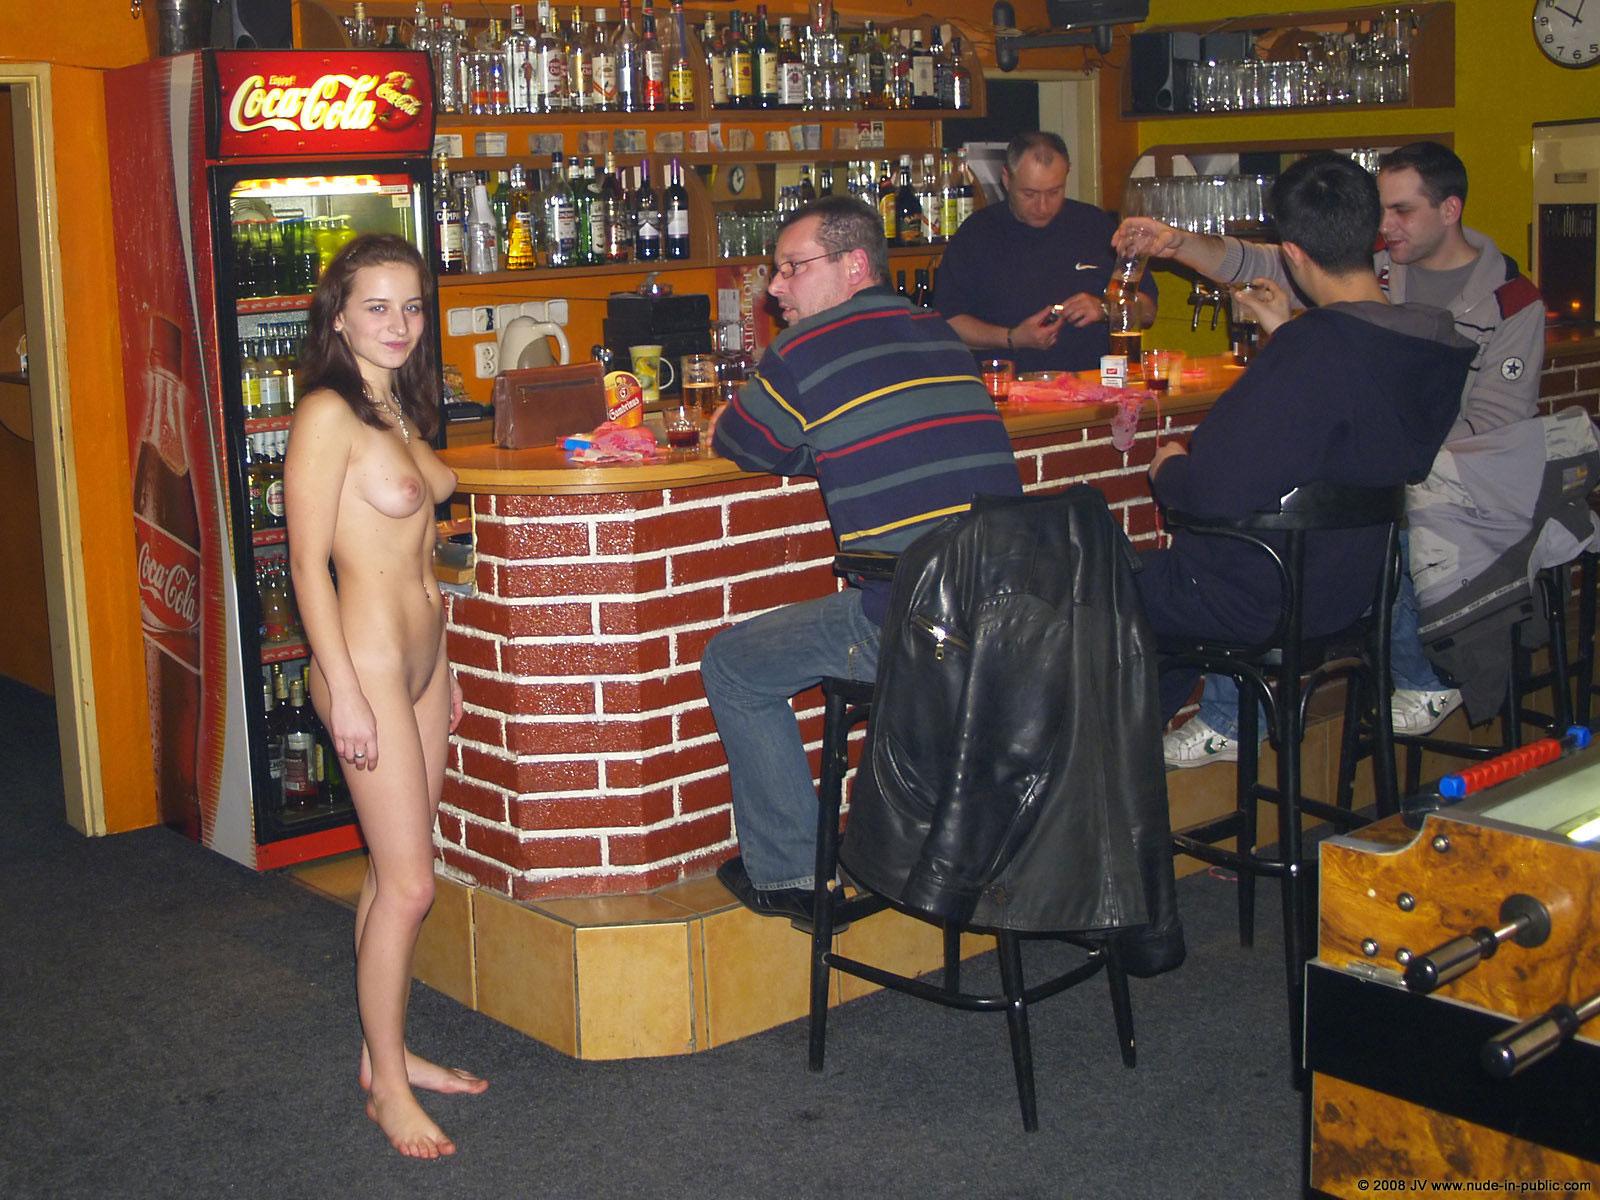 nude-in-public-beers